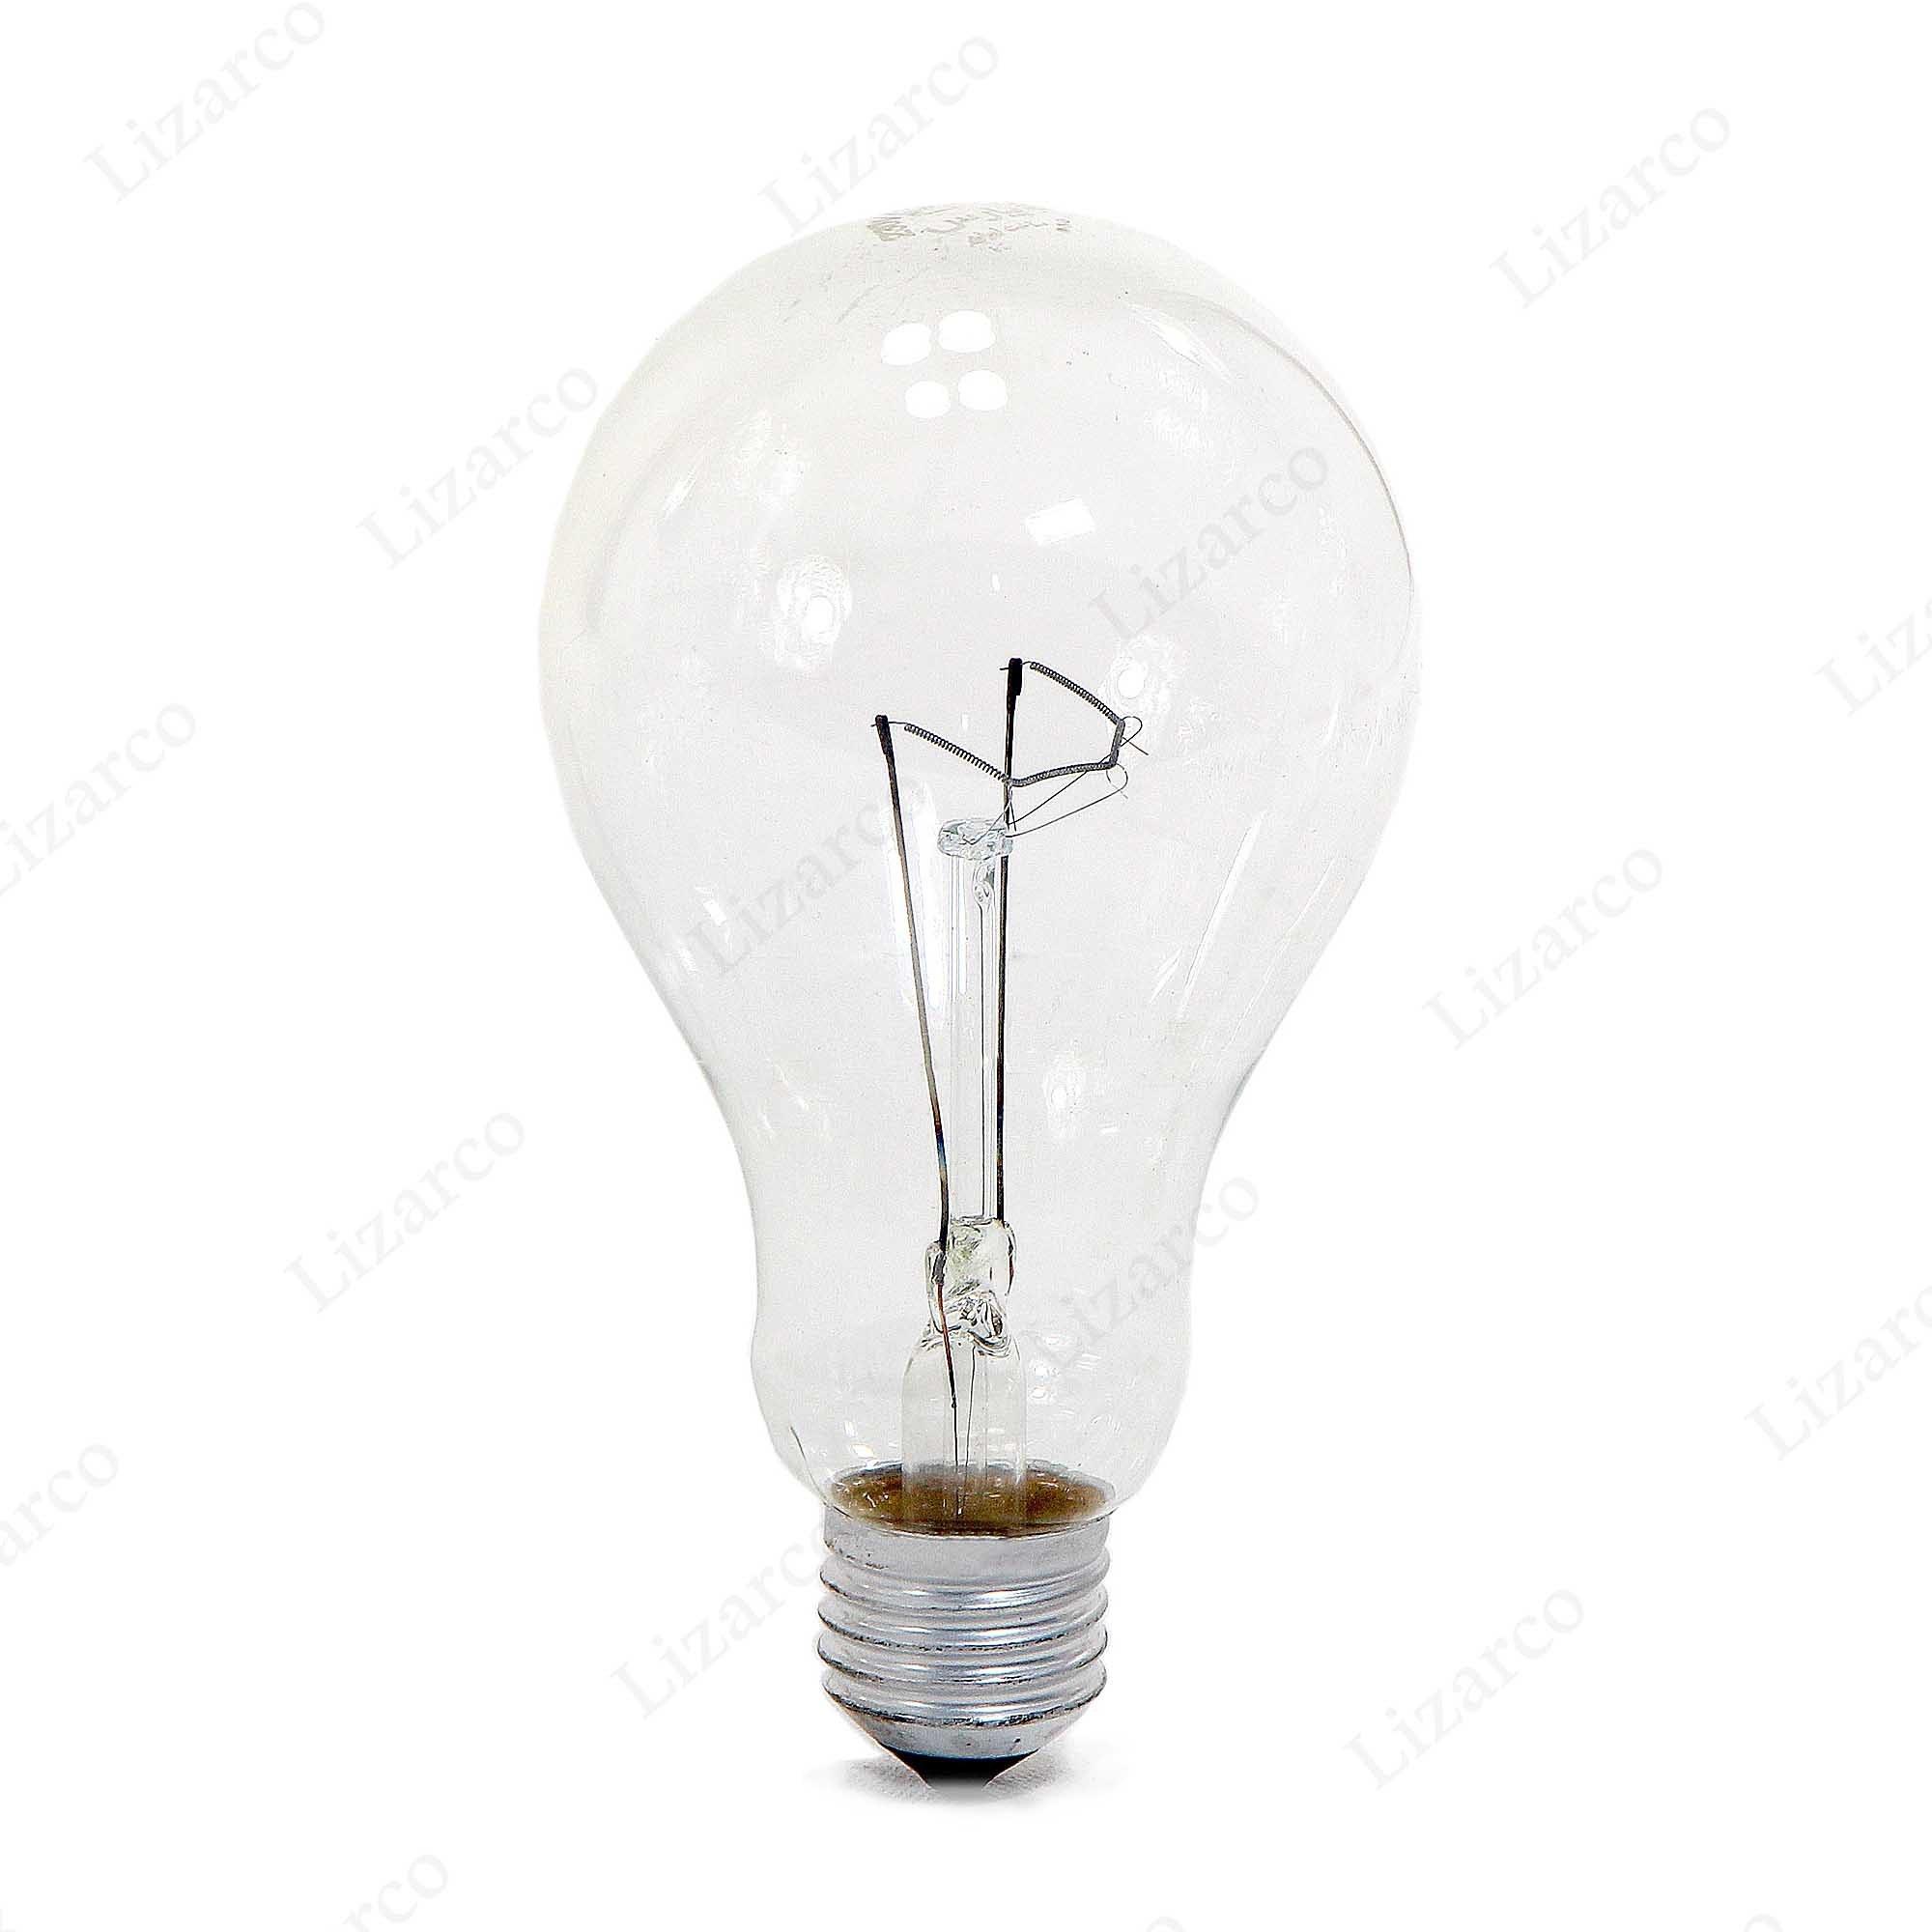 تصویر لامپ  200  وات  رشته ای  - پارس شهاب